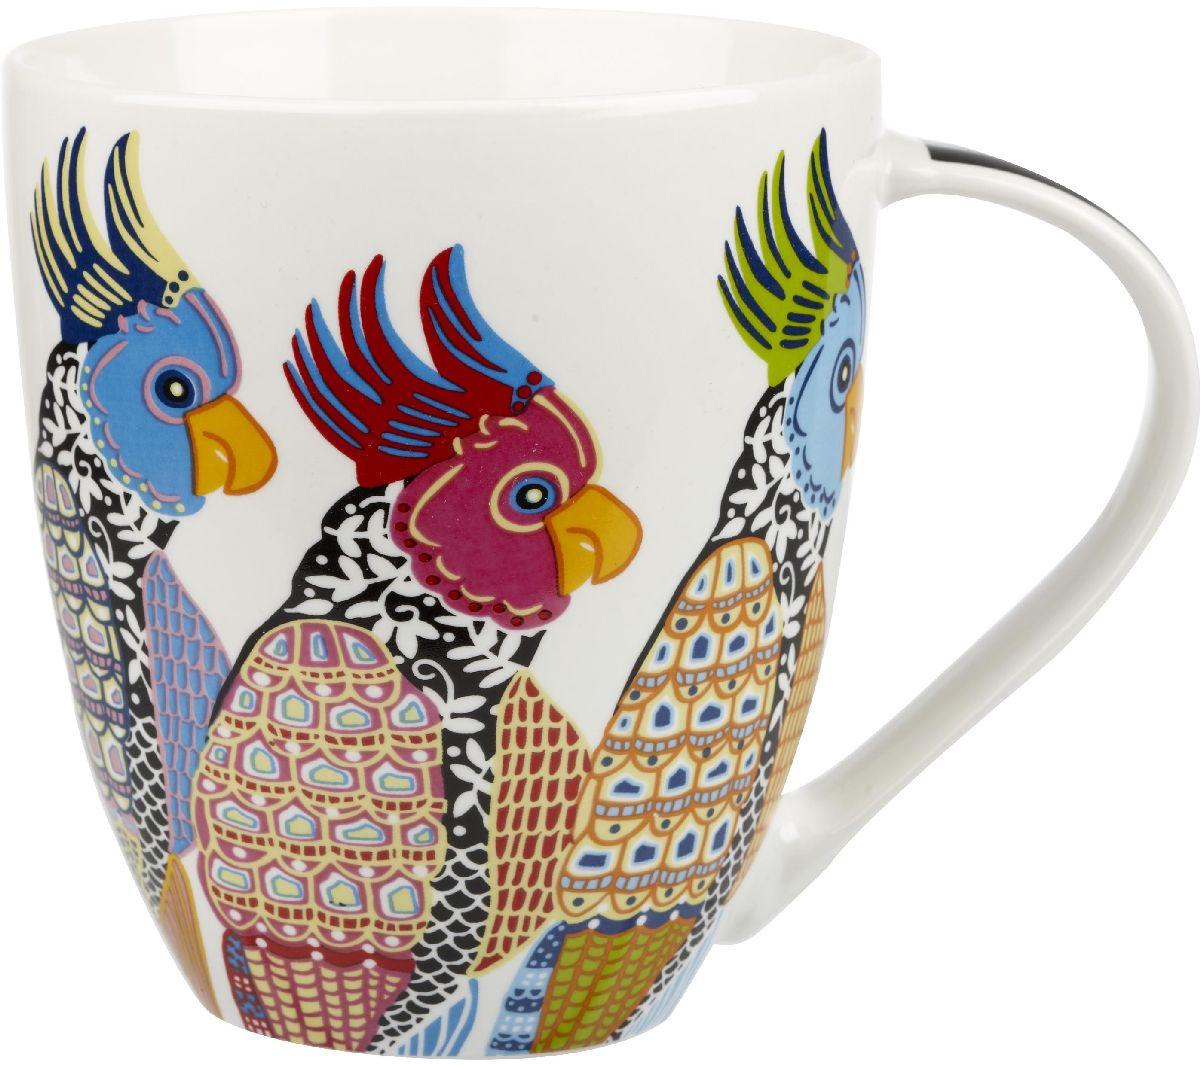 Кружка Churchill Попугаи, 500 млPARB00071Кружка Churchill выполнена из фарфора и украшена оригинальным рисунком. Коллекция Кутюр использует эклектичное сочетание ярких цветов, чтобы создать самые модные узоры на посуде.